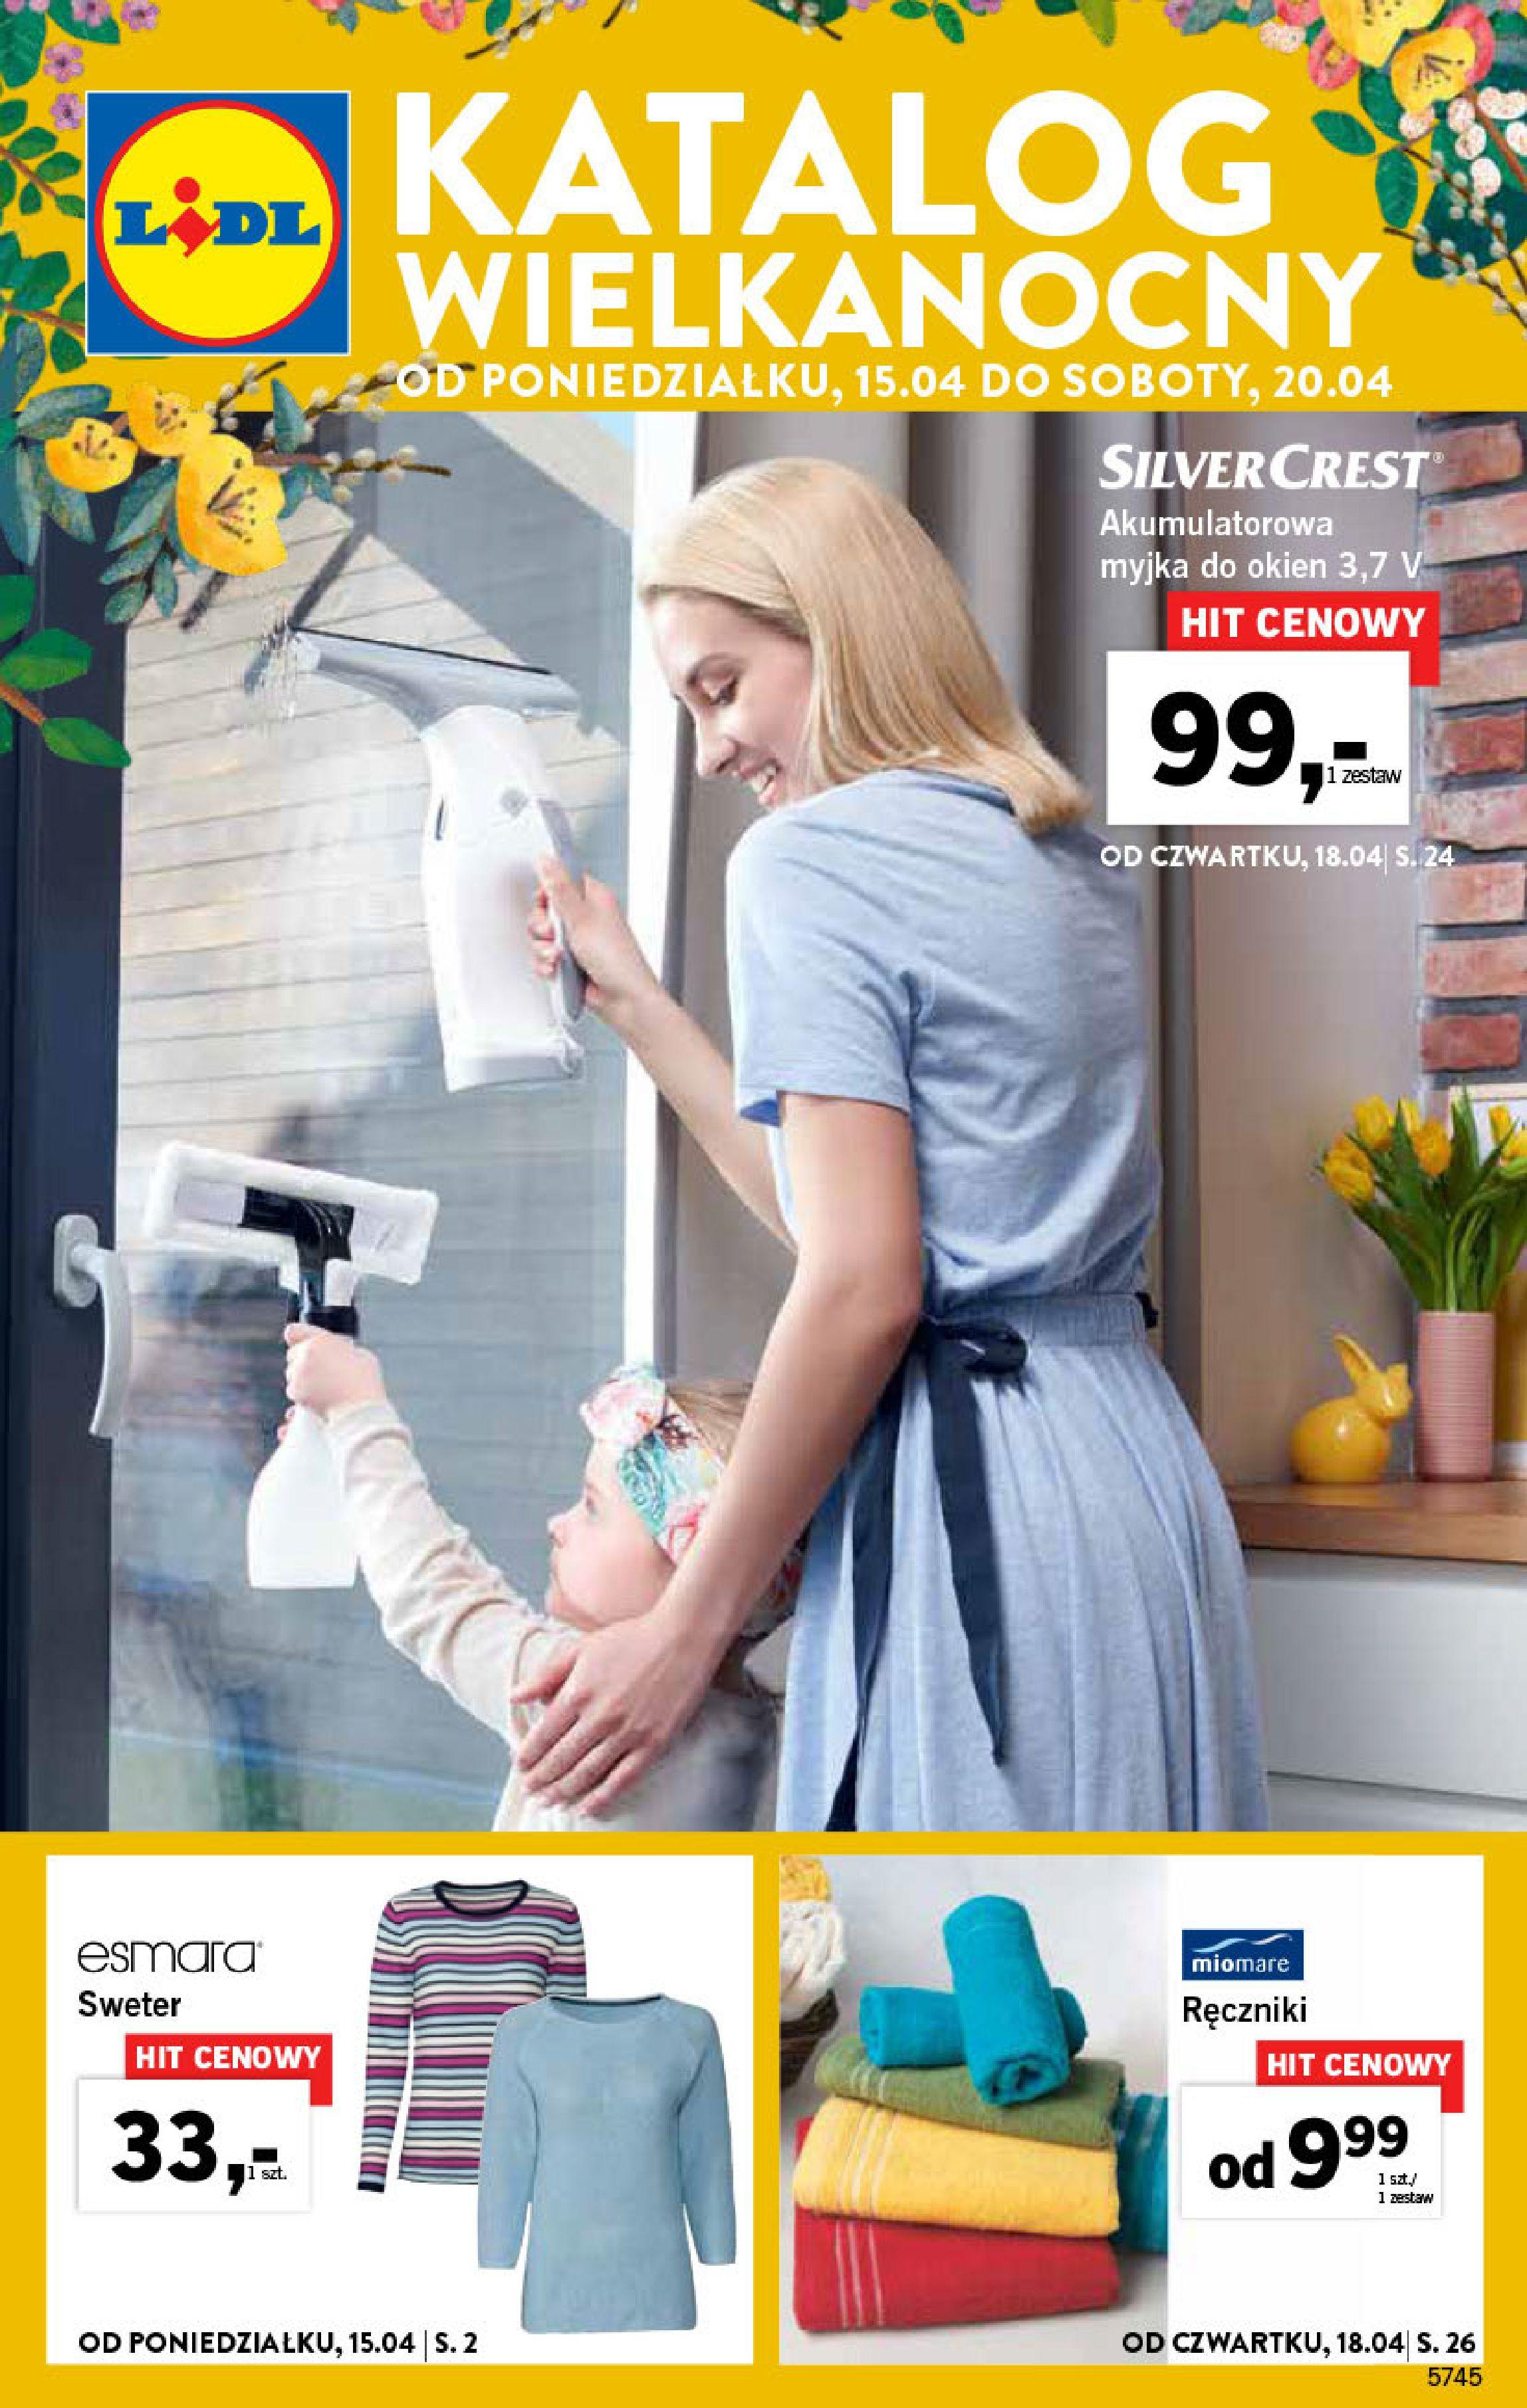 Gazetka Lidl - Katalog Wielkanocny-14.04.2019-20.04.2019-page-